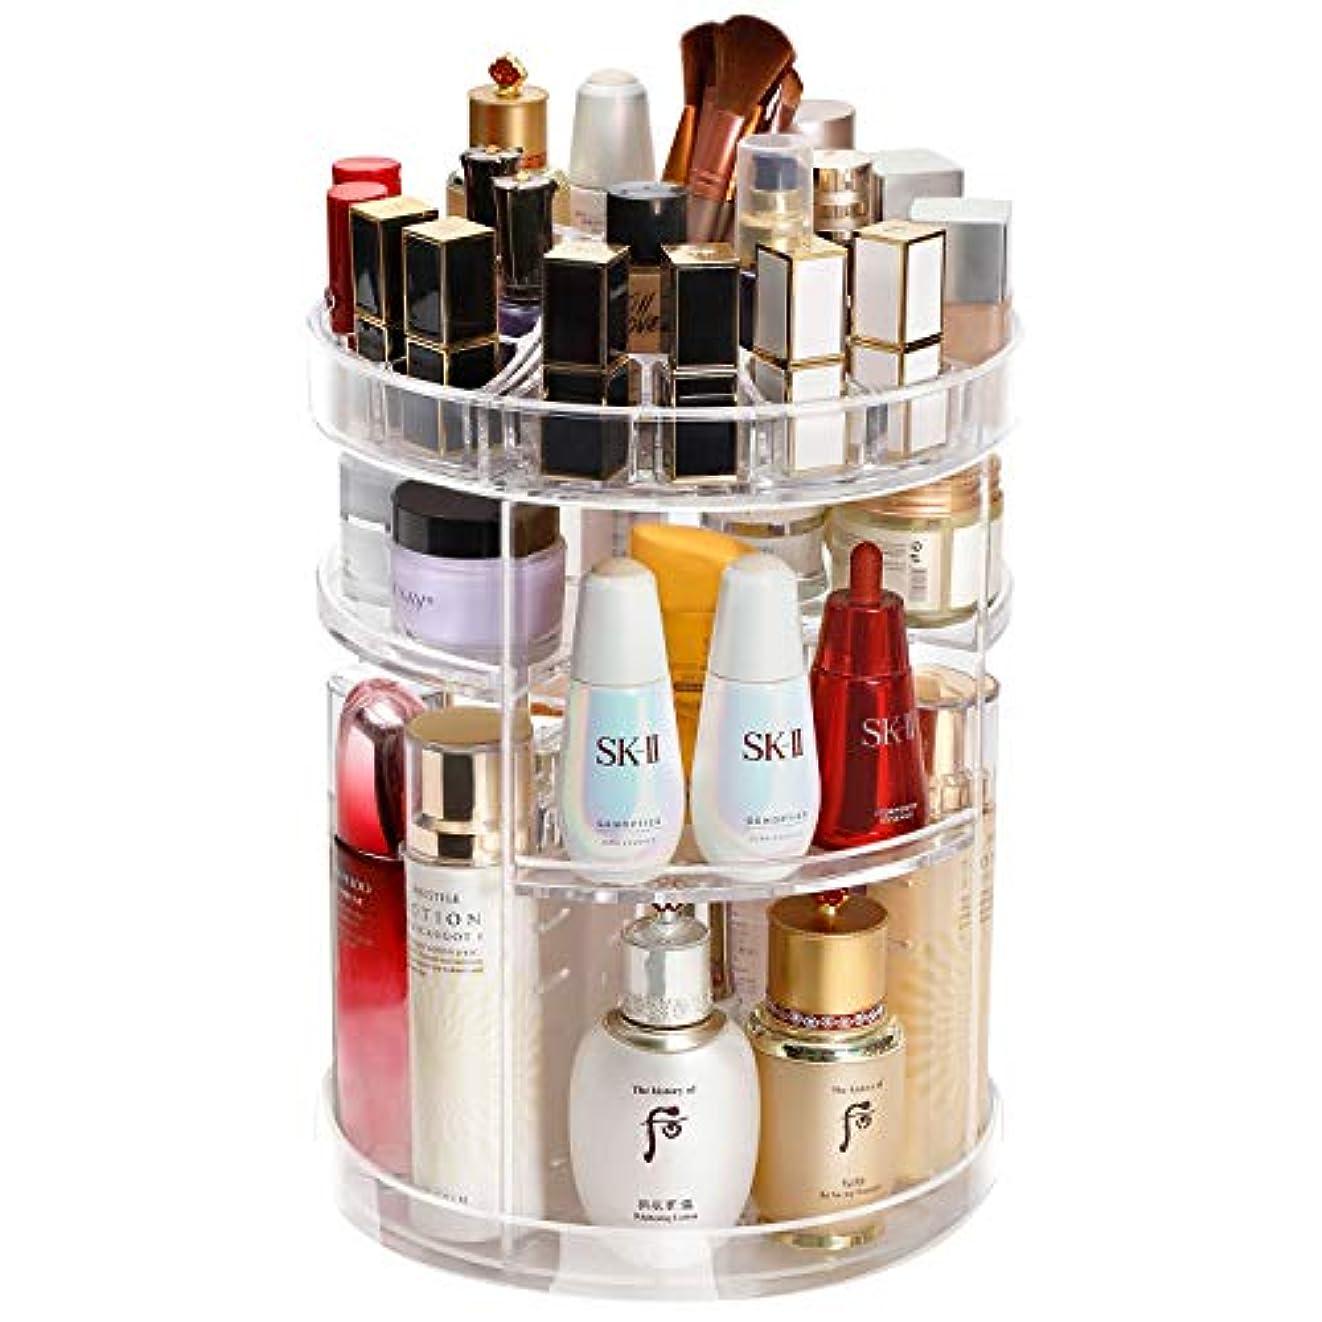 青体削る化粧品収納ボックス 大容量 360°回転可能 収納ボックス 耐久性 透明 口紅 コスメ 小物収納 アクリルケース